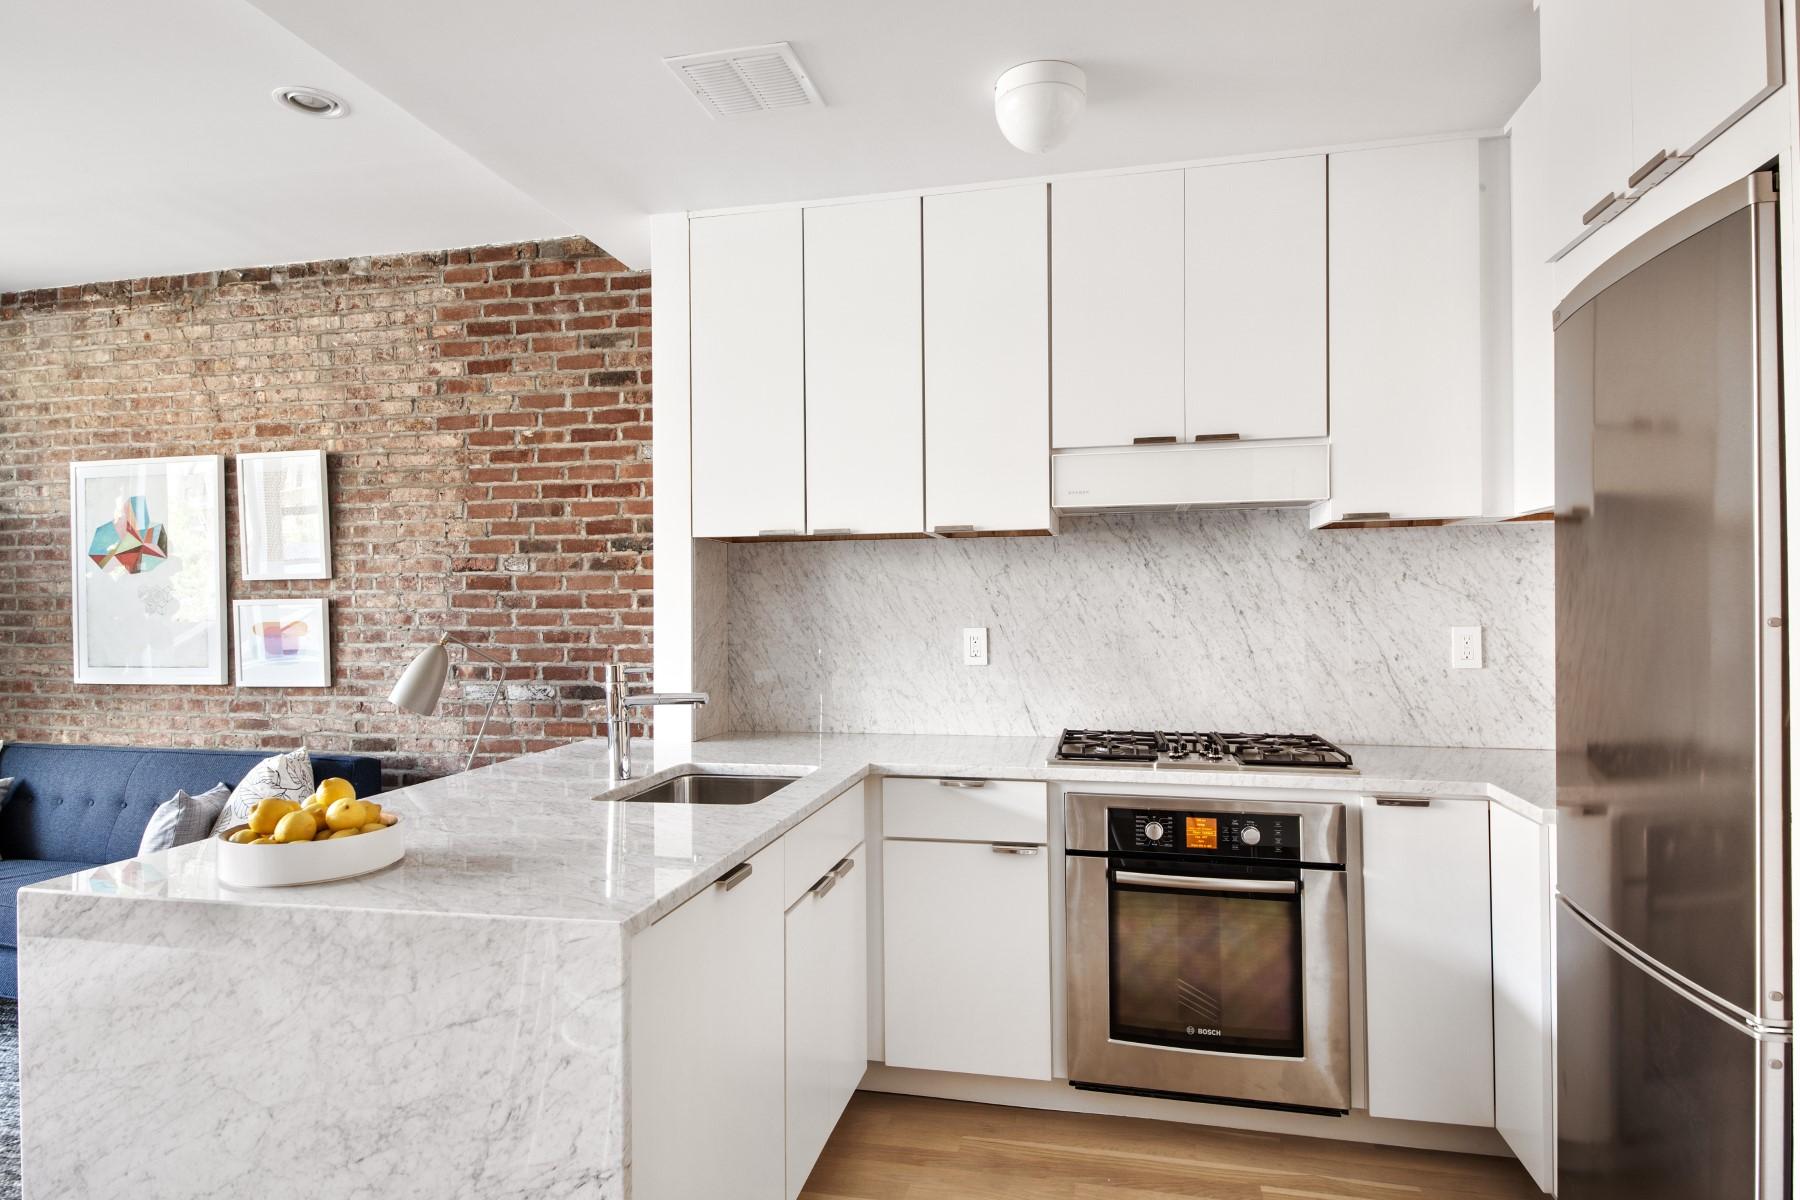 Кооперативная квартира для того Продажа на 192 Lenox Avenue, Unit 3B New York, Нью-Йорк 10026 Соединенные Штаты